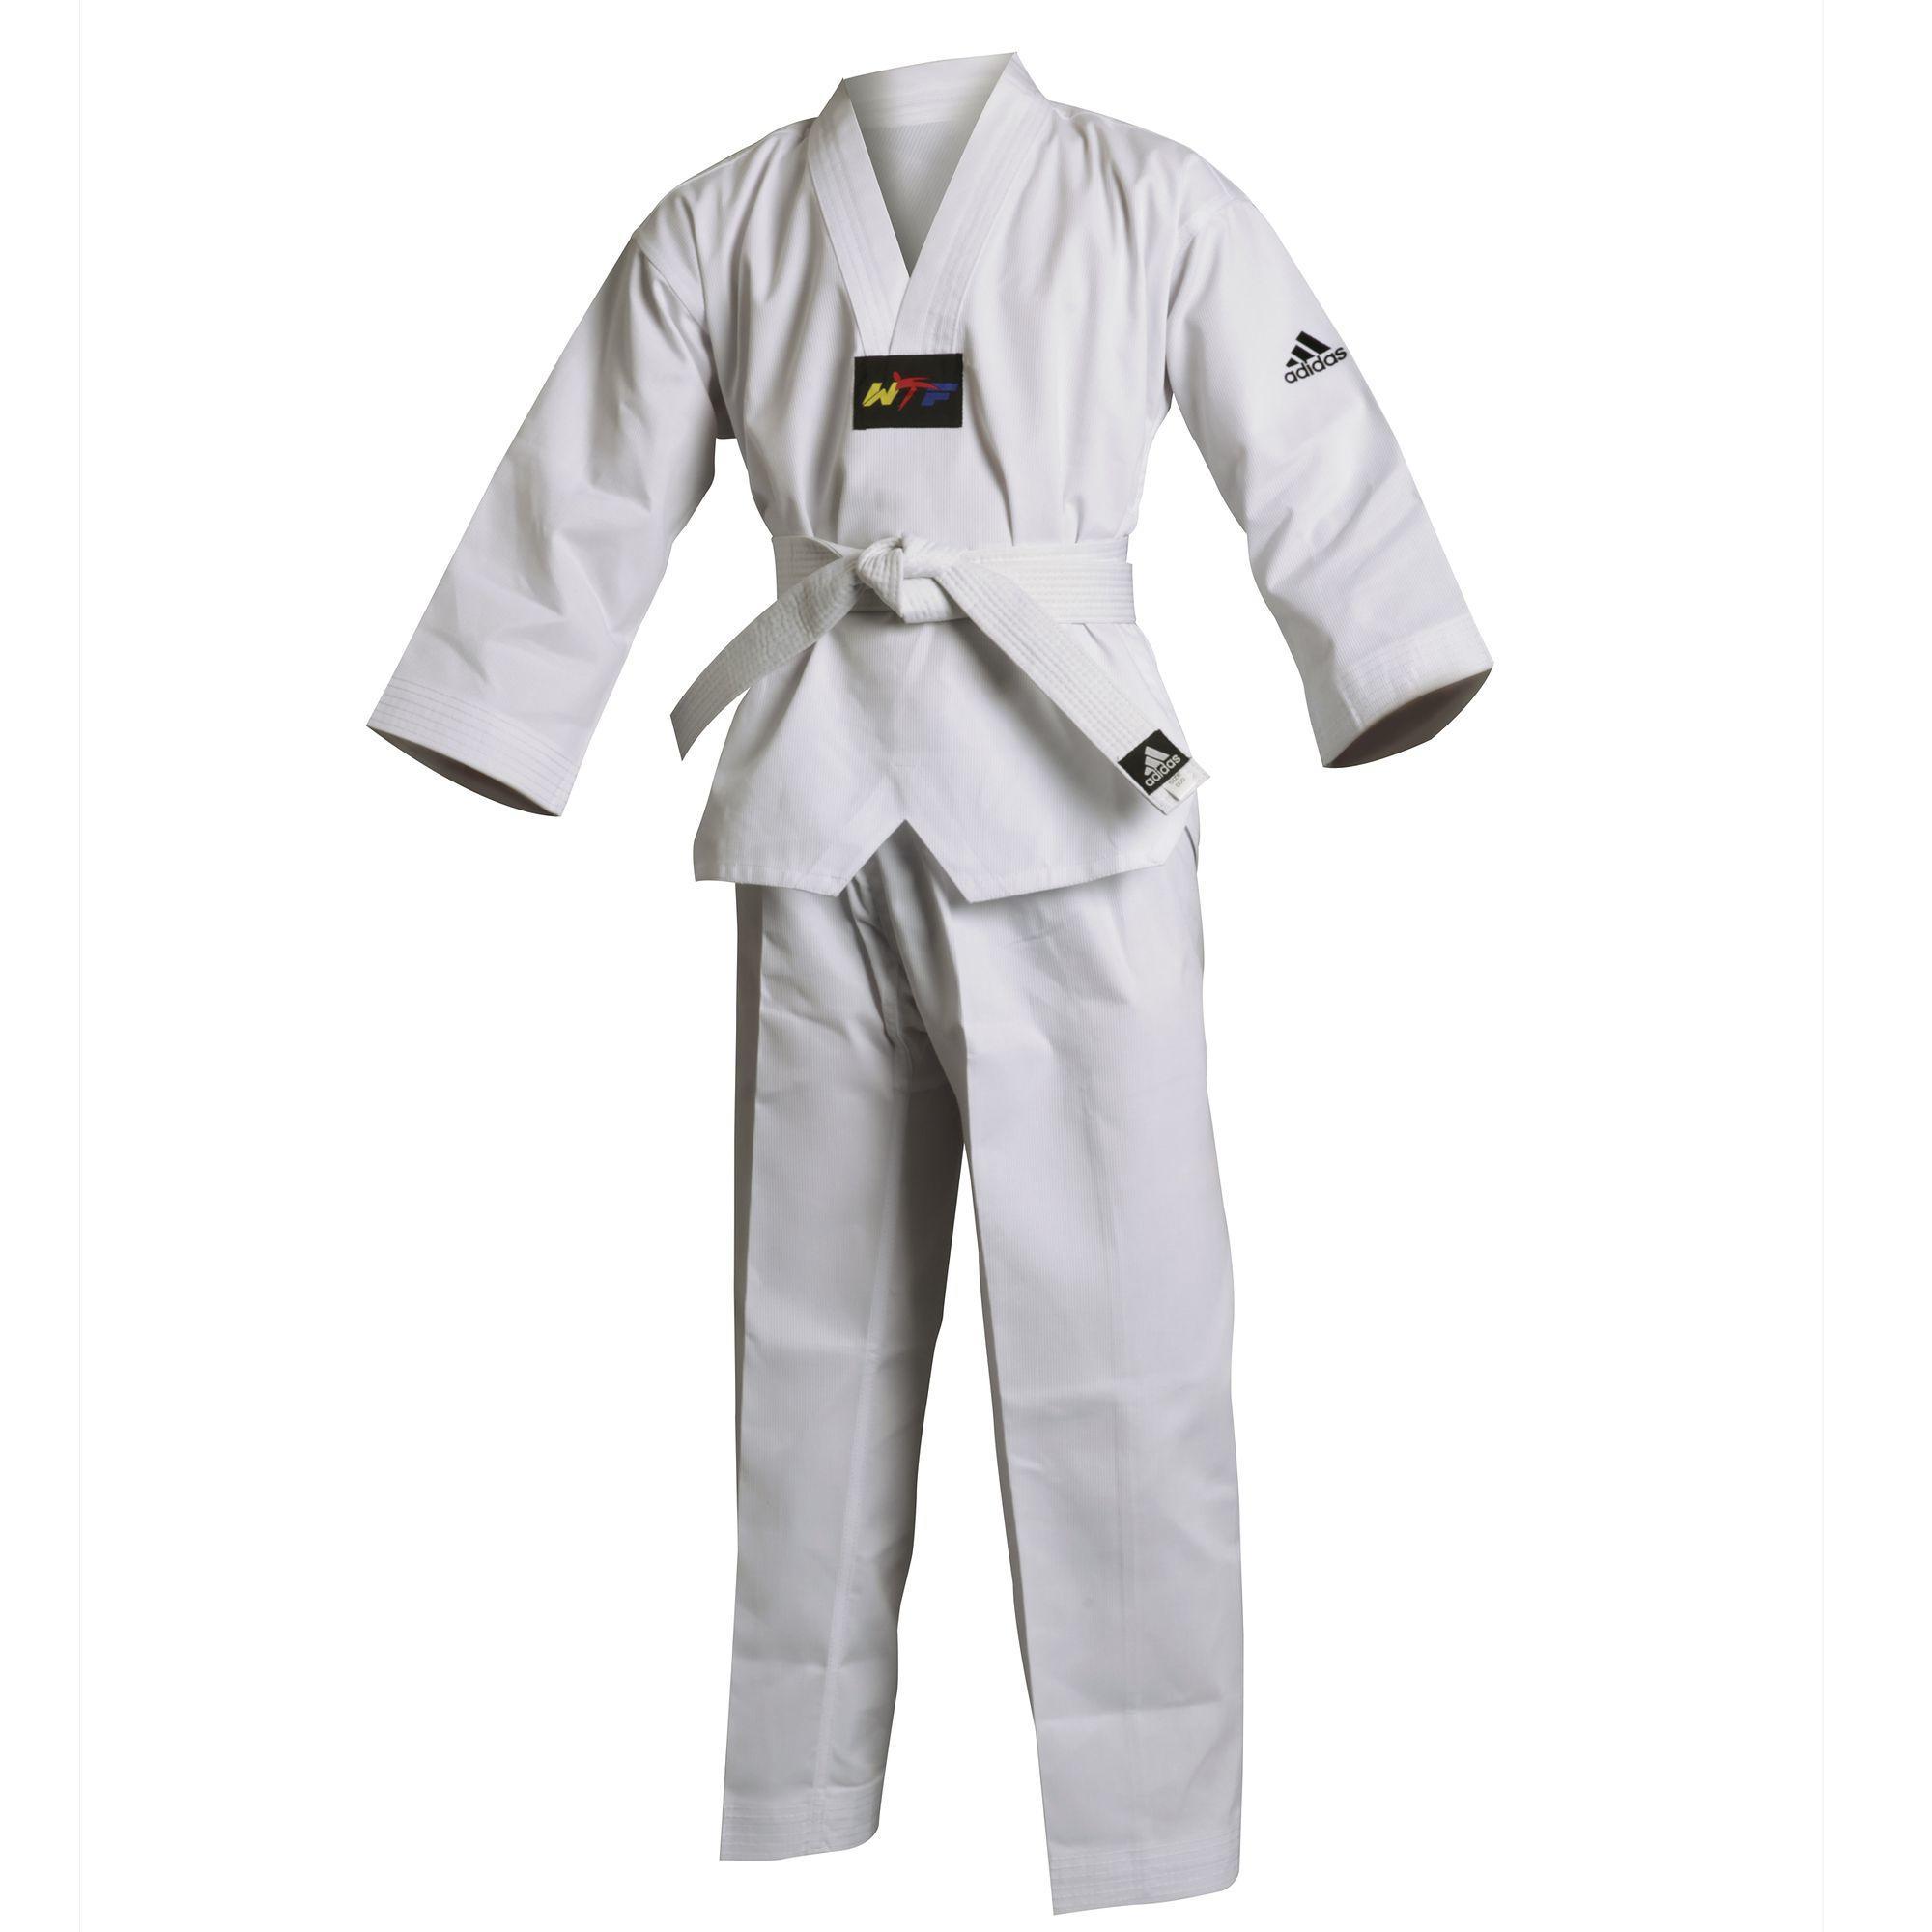 Taekwondo-Anzug Dobok Erwachsene | Sportbekleidung > Sportanzüge > Taekwondo-Anzüge | Adidas